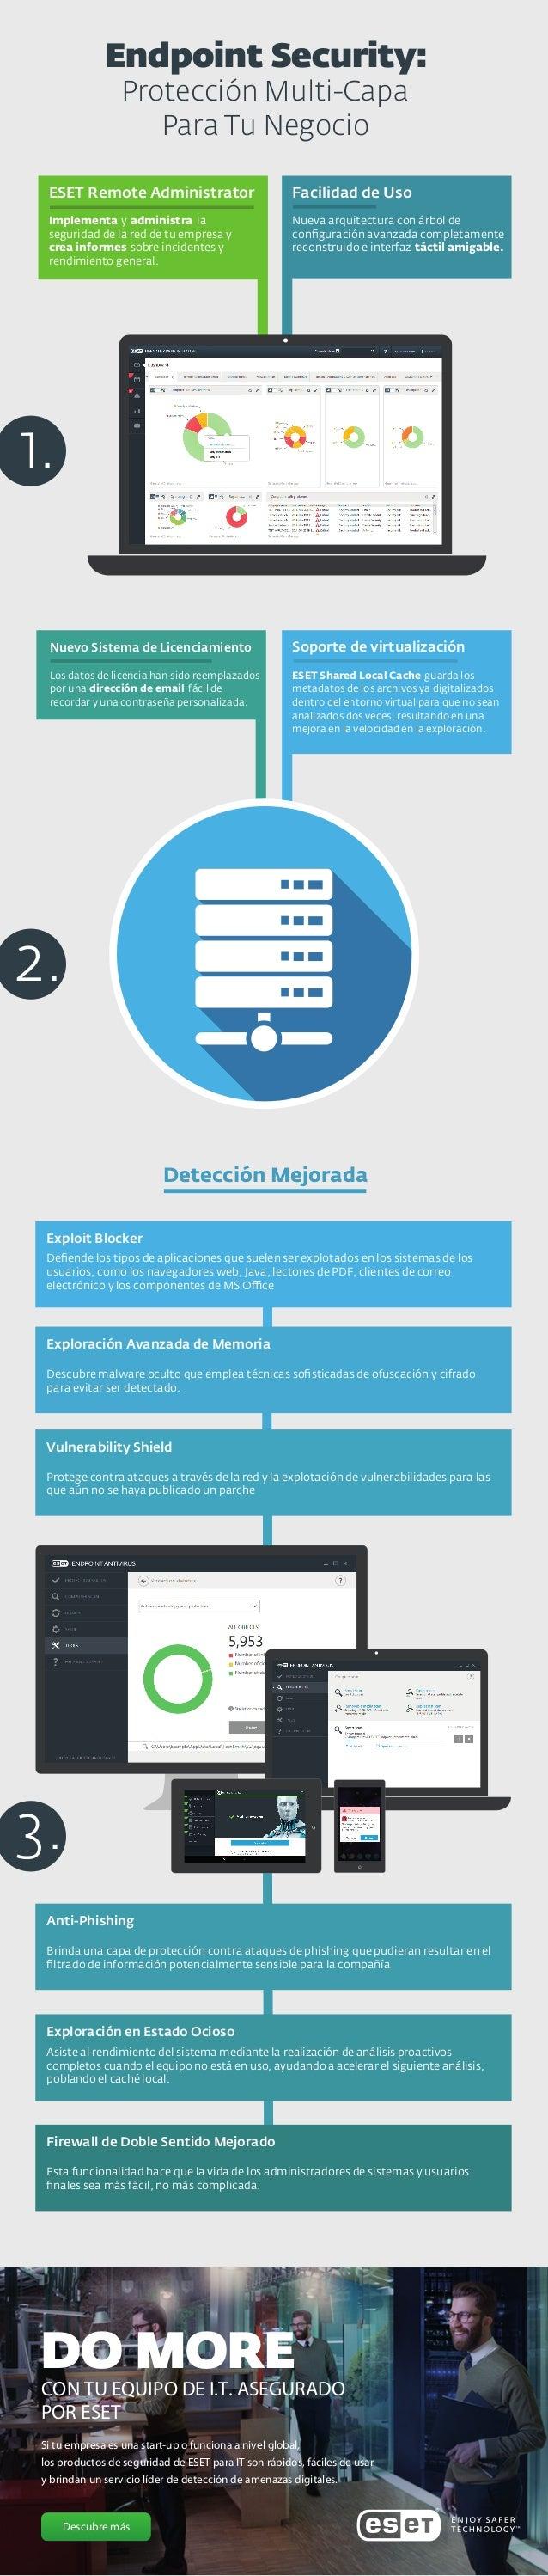 Endpoint Security: Protección Multi-Capa Para Tu Negocio 1. 2. Exploit Blocker Defiende los tipos de aplicaciones que suele...